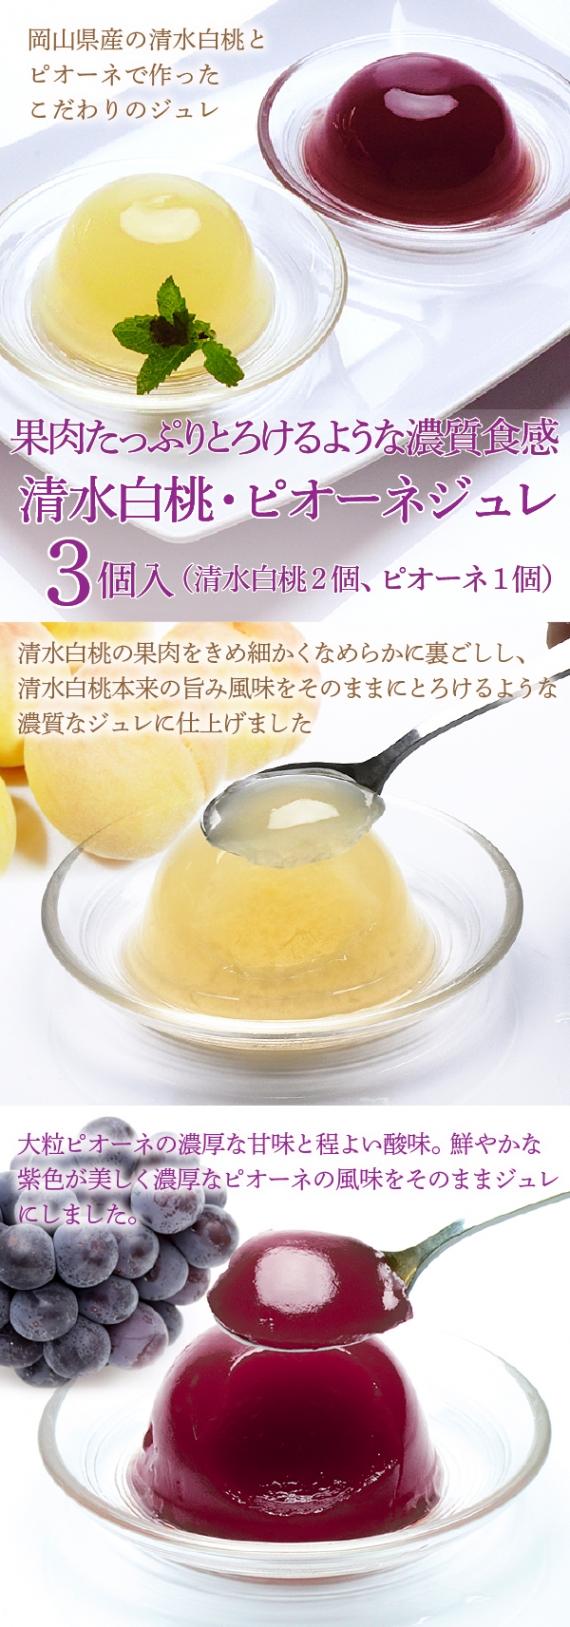 【送料無料】まずはお試し!岡山県産果実100%とろけるような濃質食感 清水白桃・ピオーネジュレ3個入【お試し】